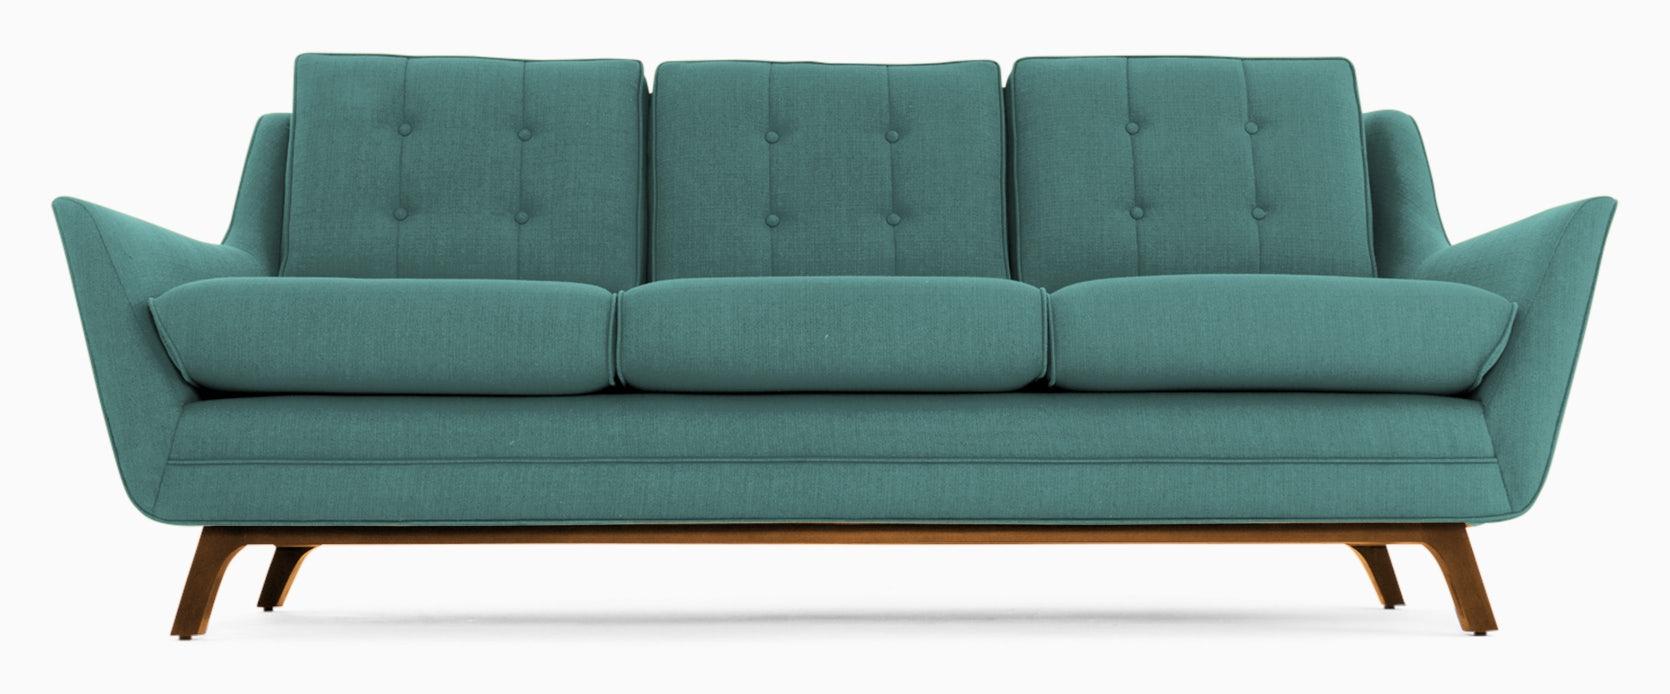 eastwood sofa essence aqua